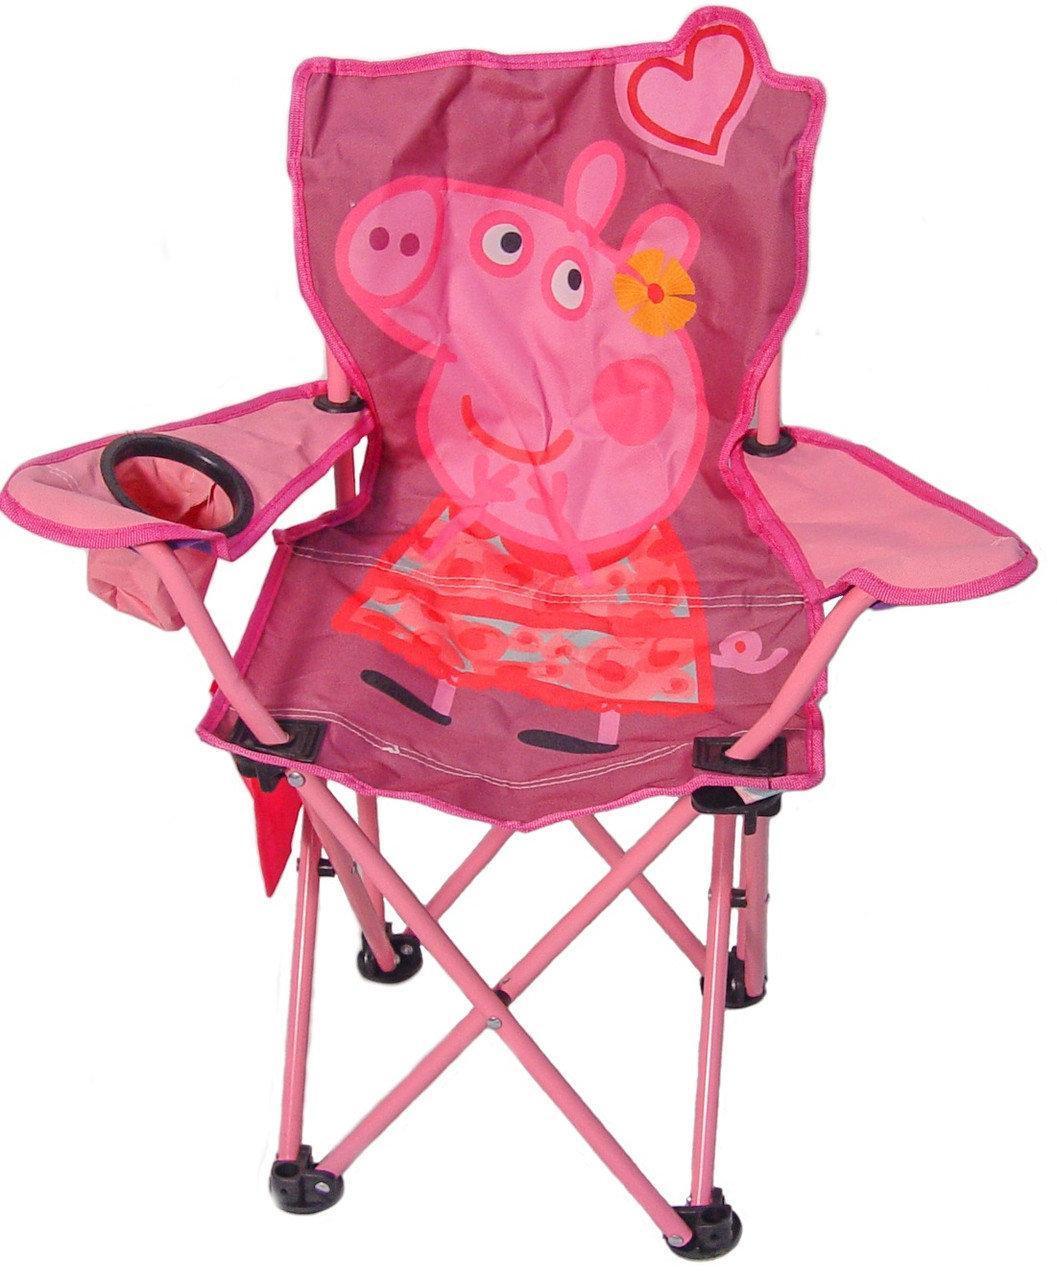 Кресло раскладное детское XS MH-3085 38х38х60 см, свинка Пеппа